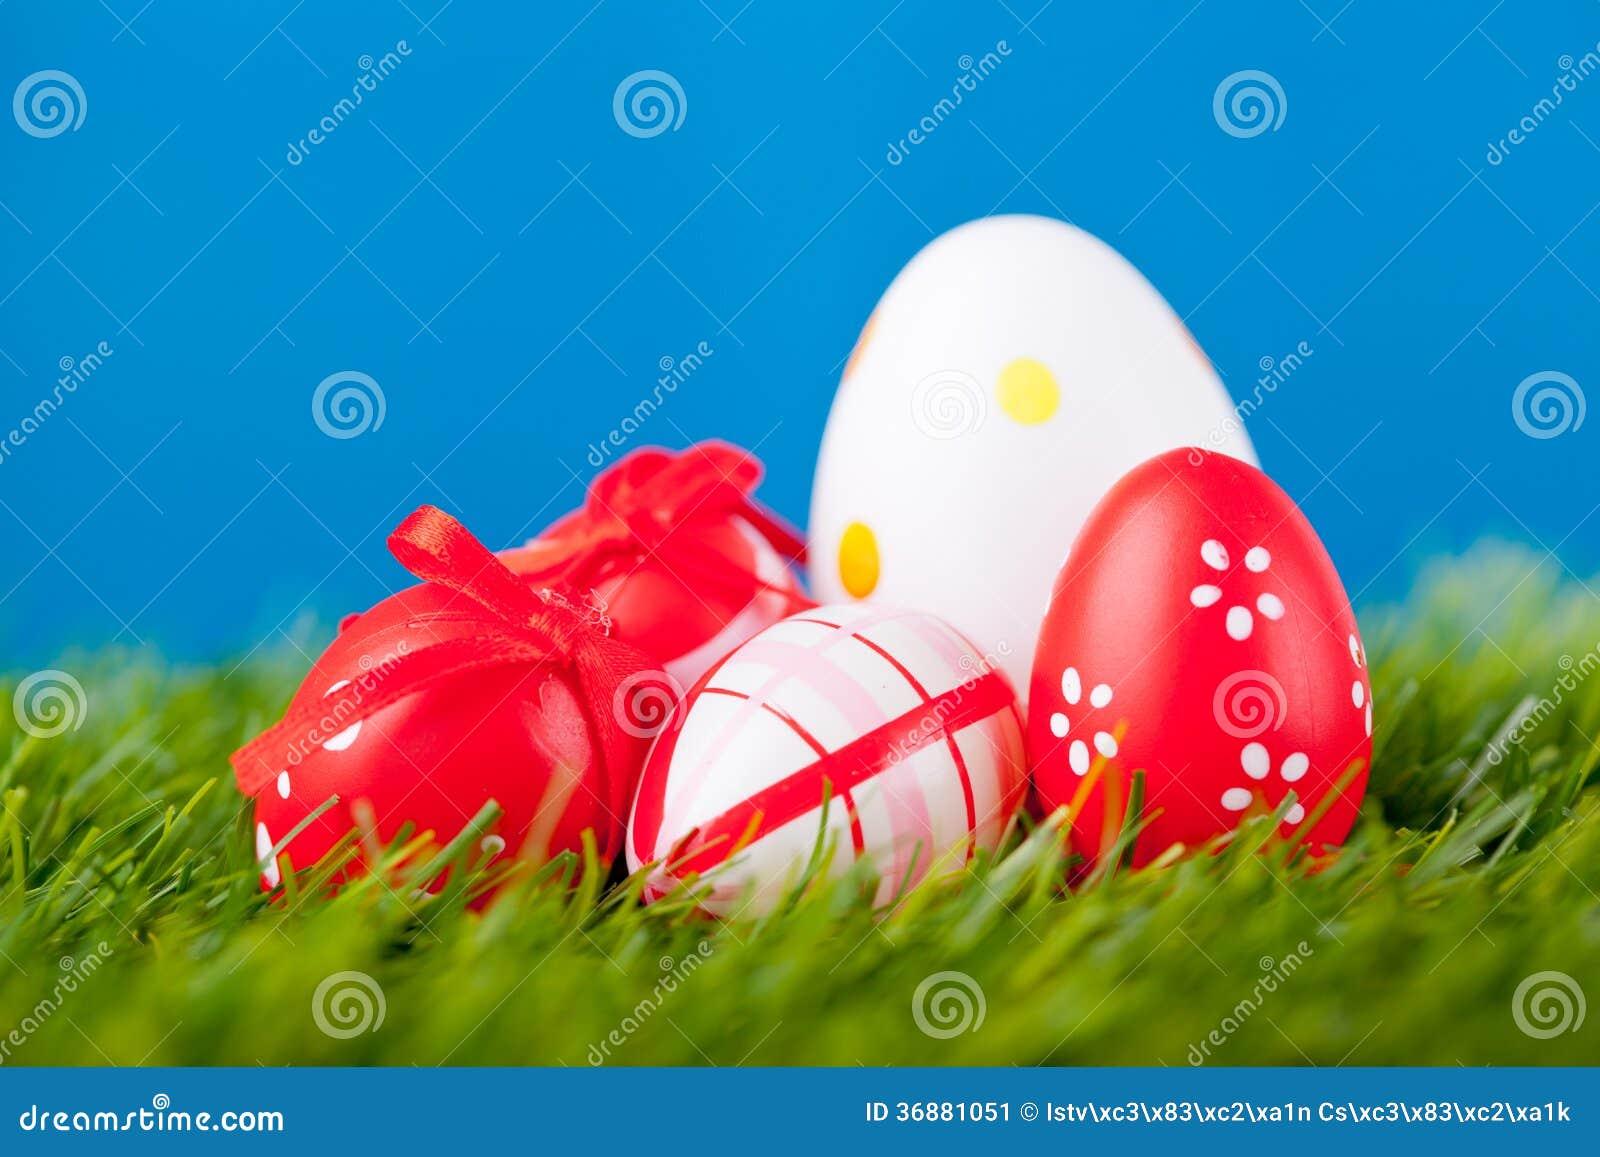 Download Uova di Pasqua immagine stock. Immagine di coniglio, cristiano - 36881051